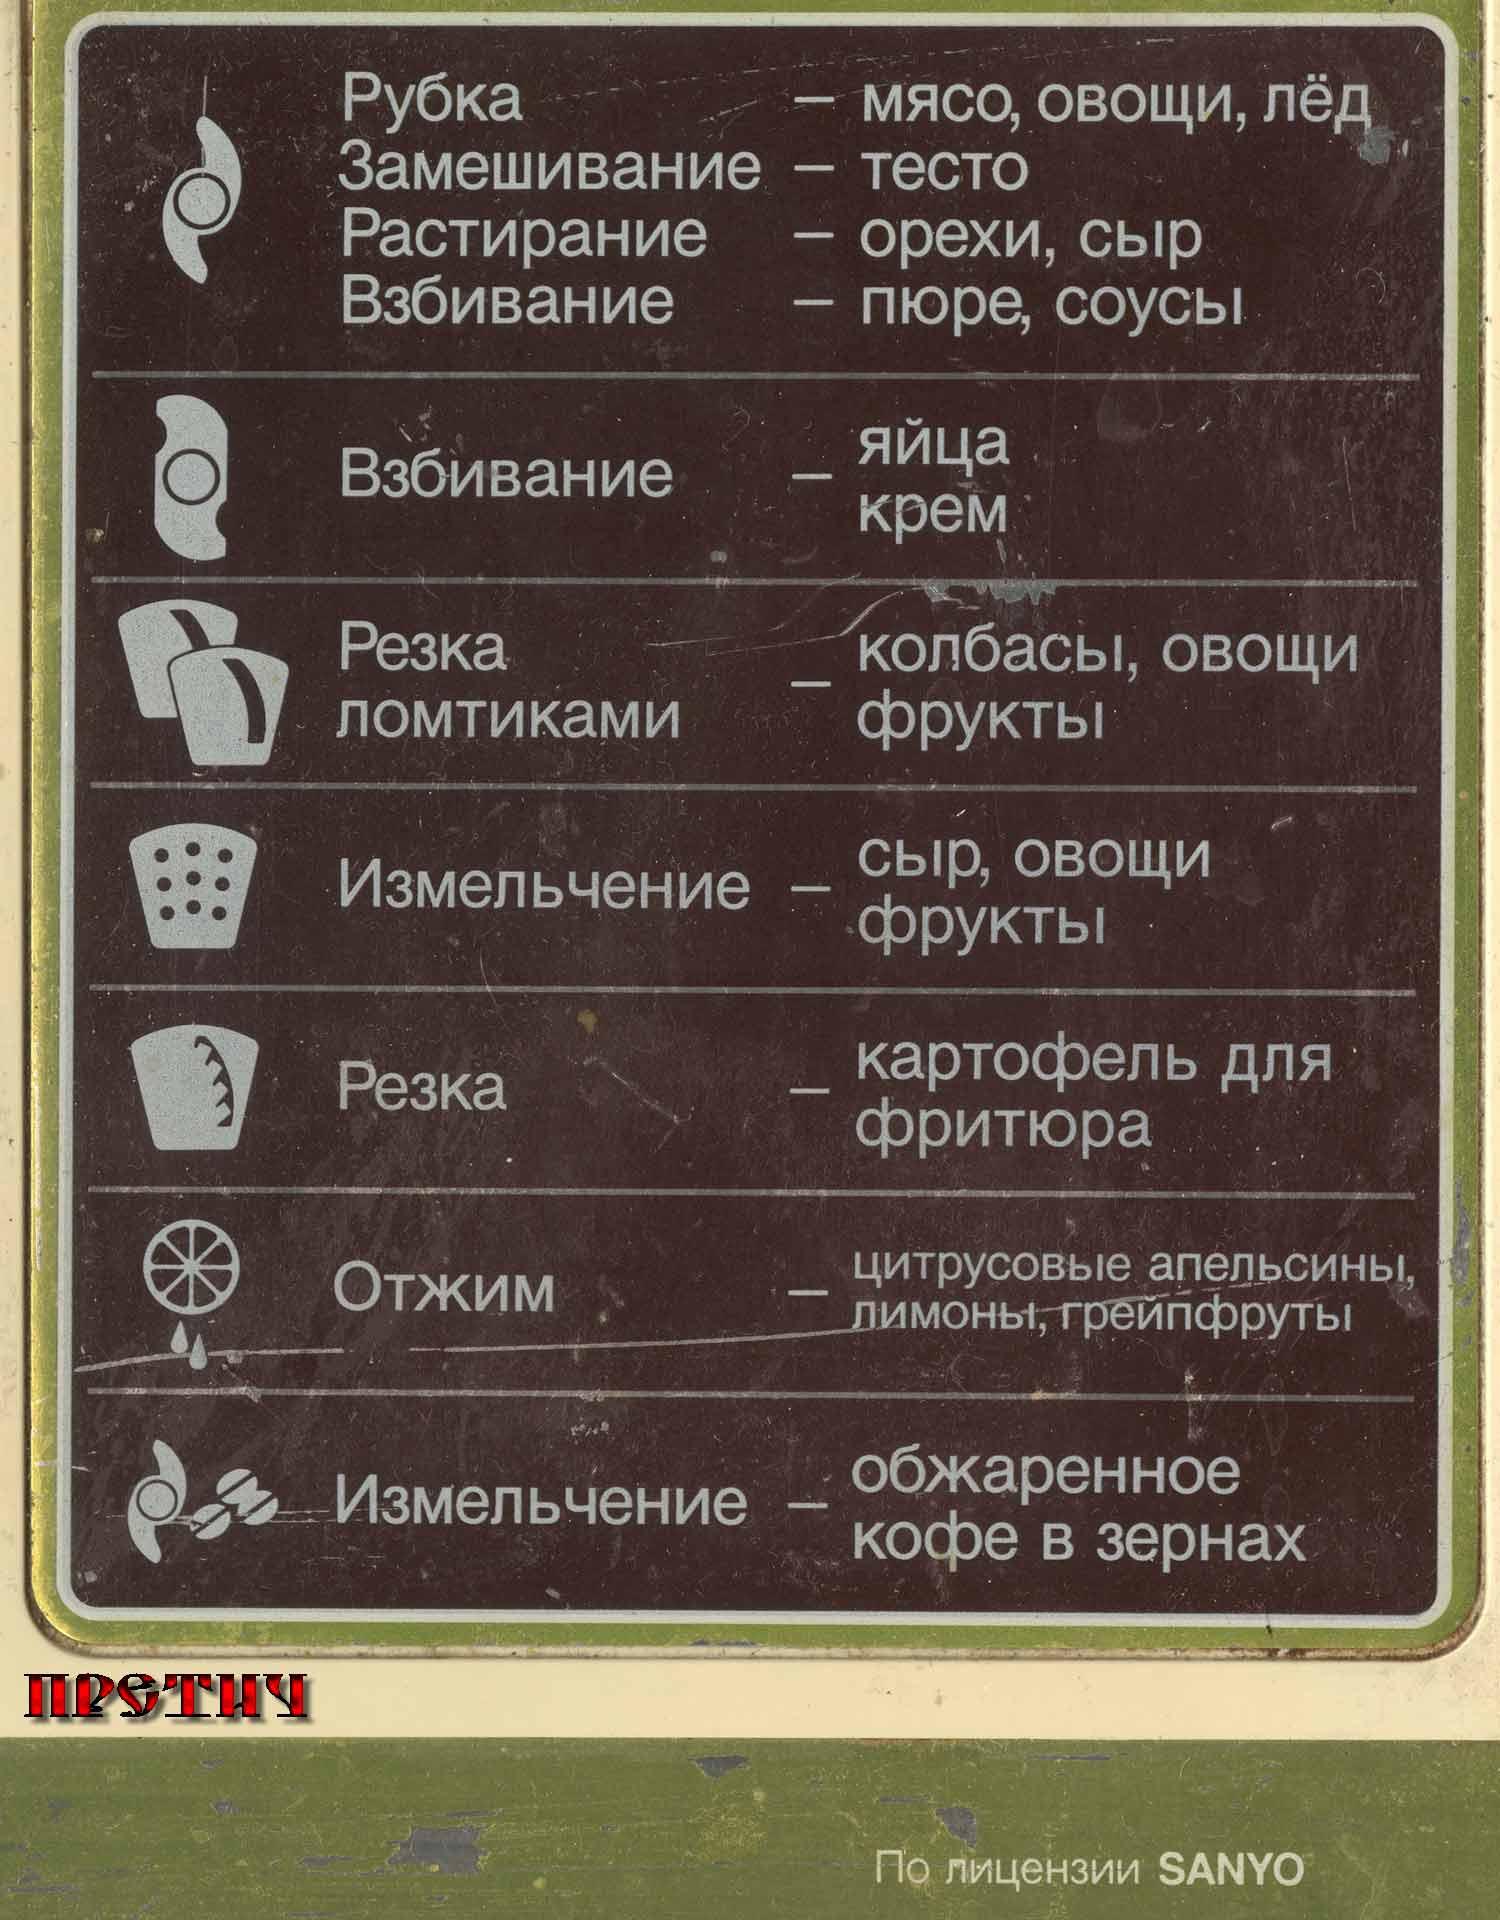 Кухонный Комбайн Нпо Энергия Инструкция